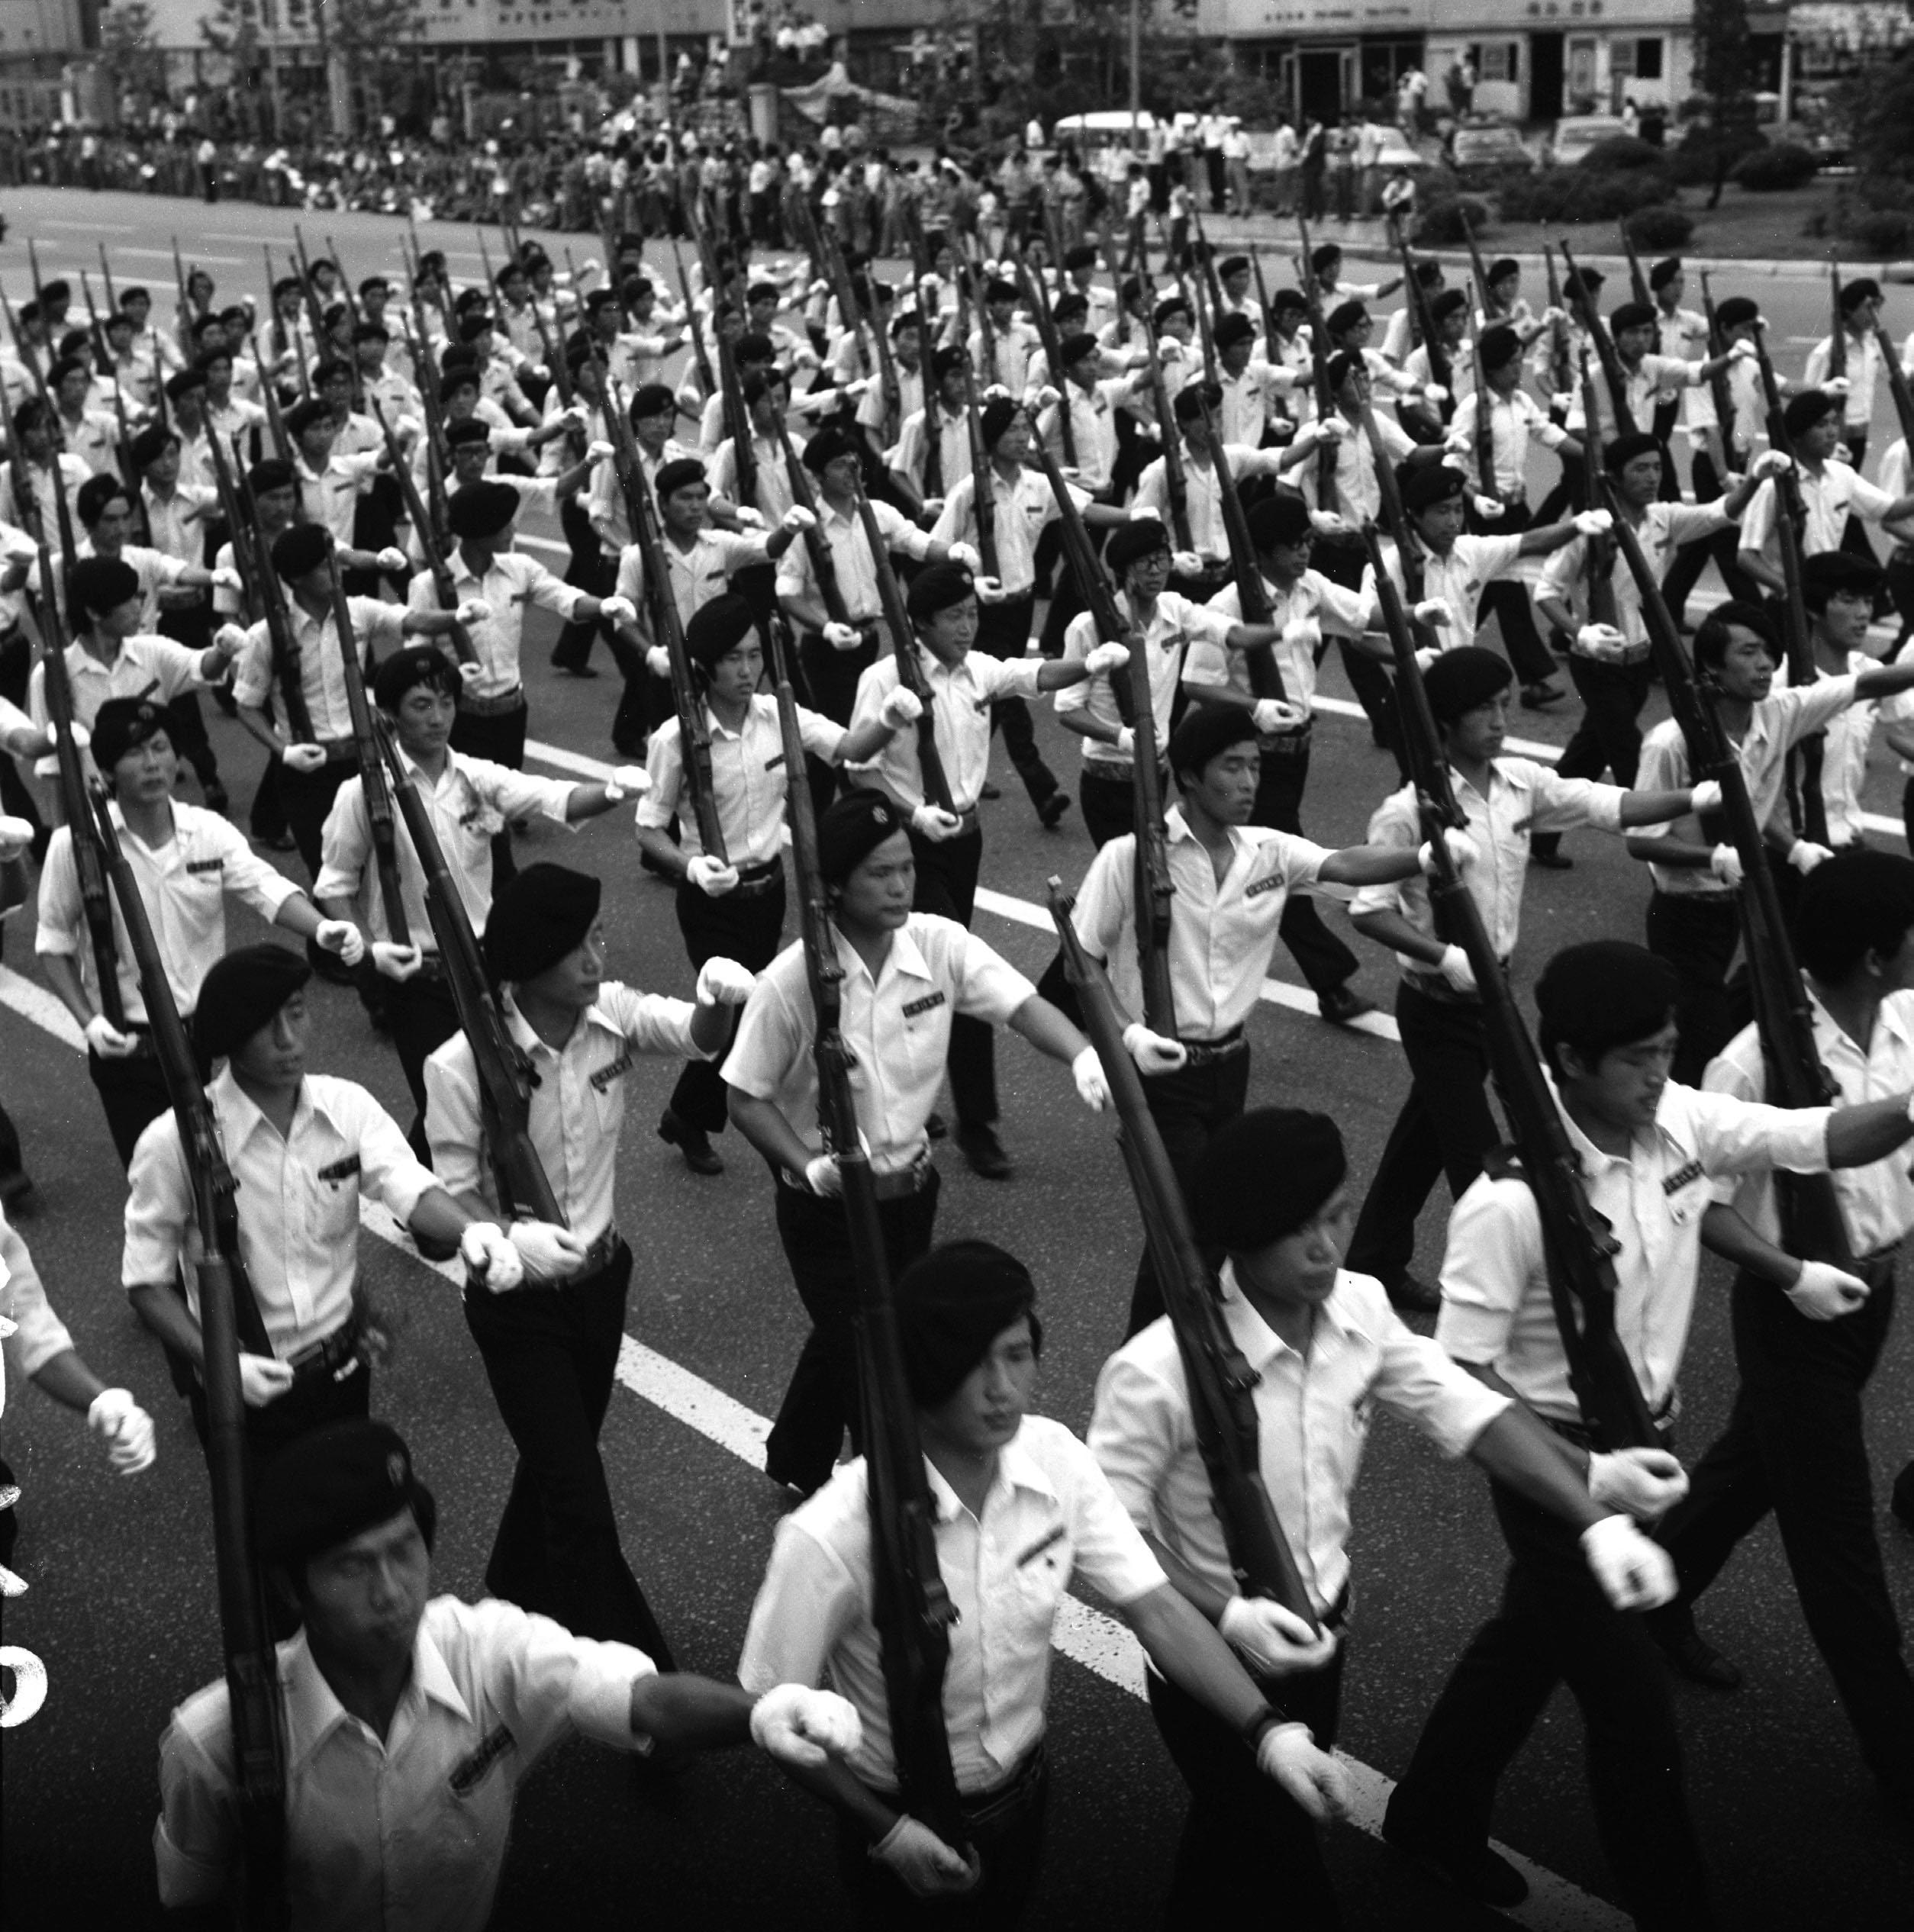 1975년 중앙학도호국단 발대식 시가행진 장면